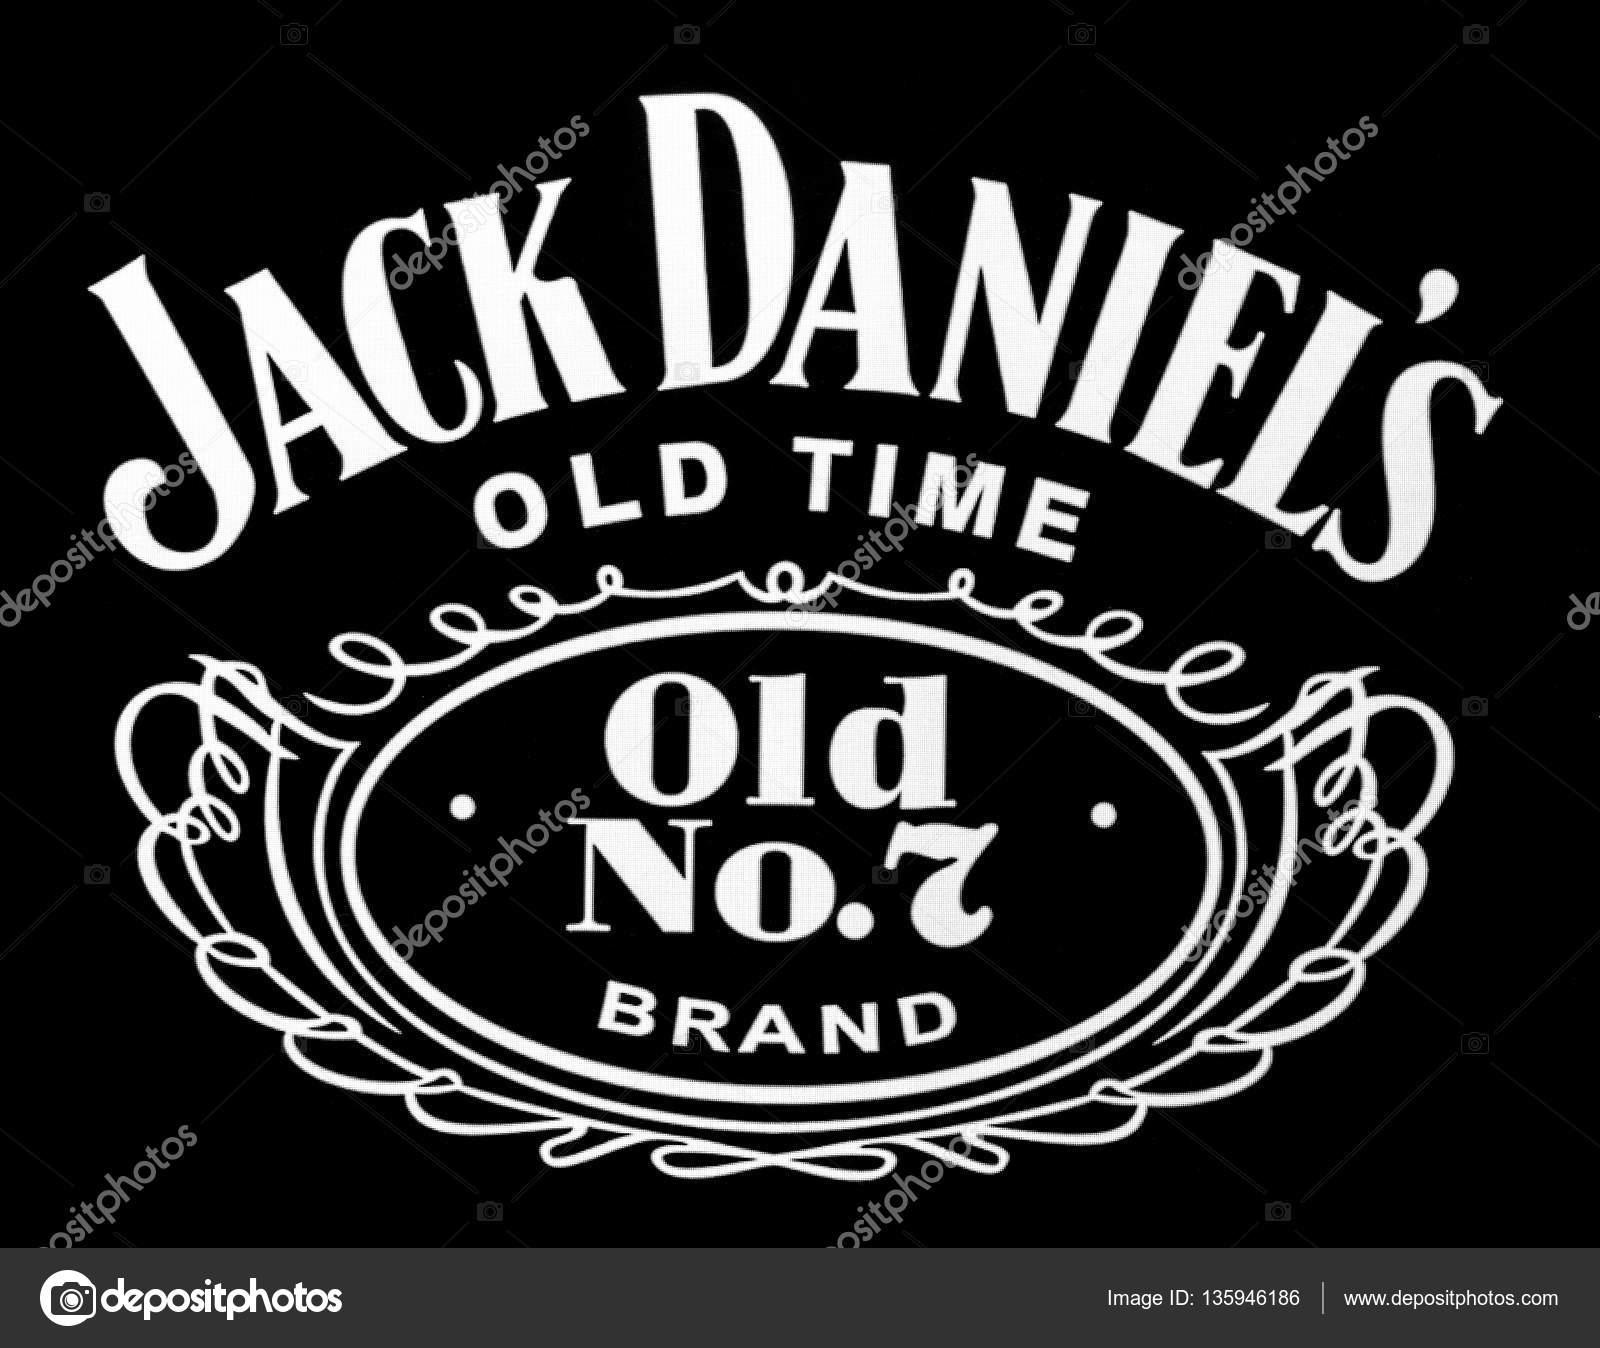 El Logo De La Marca Jack Daniels